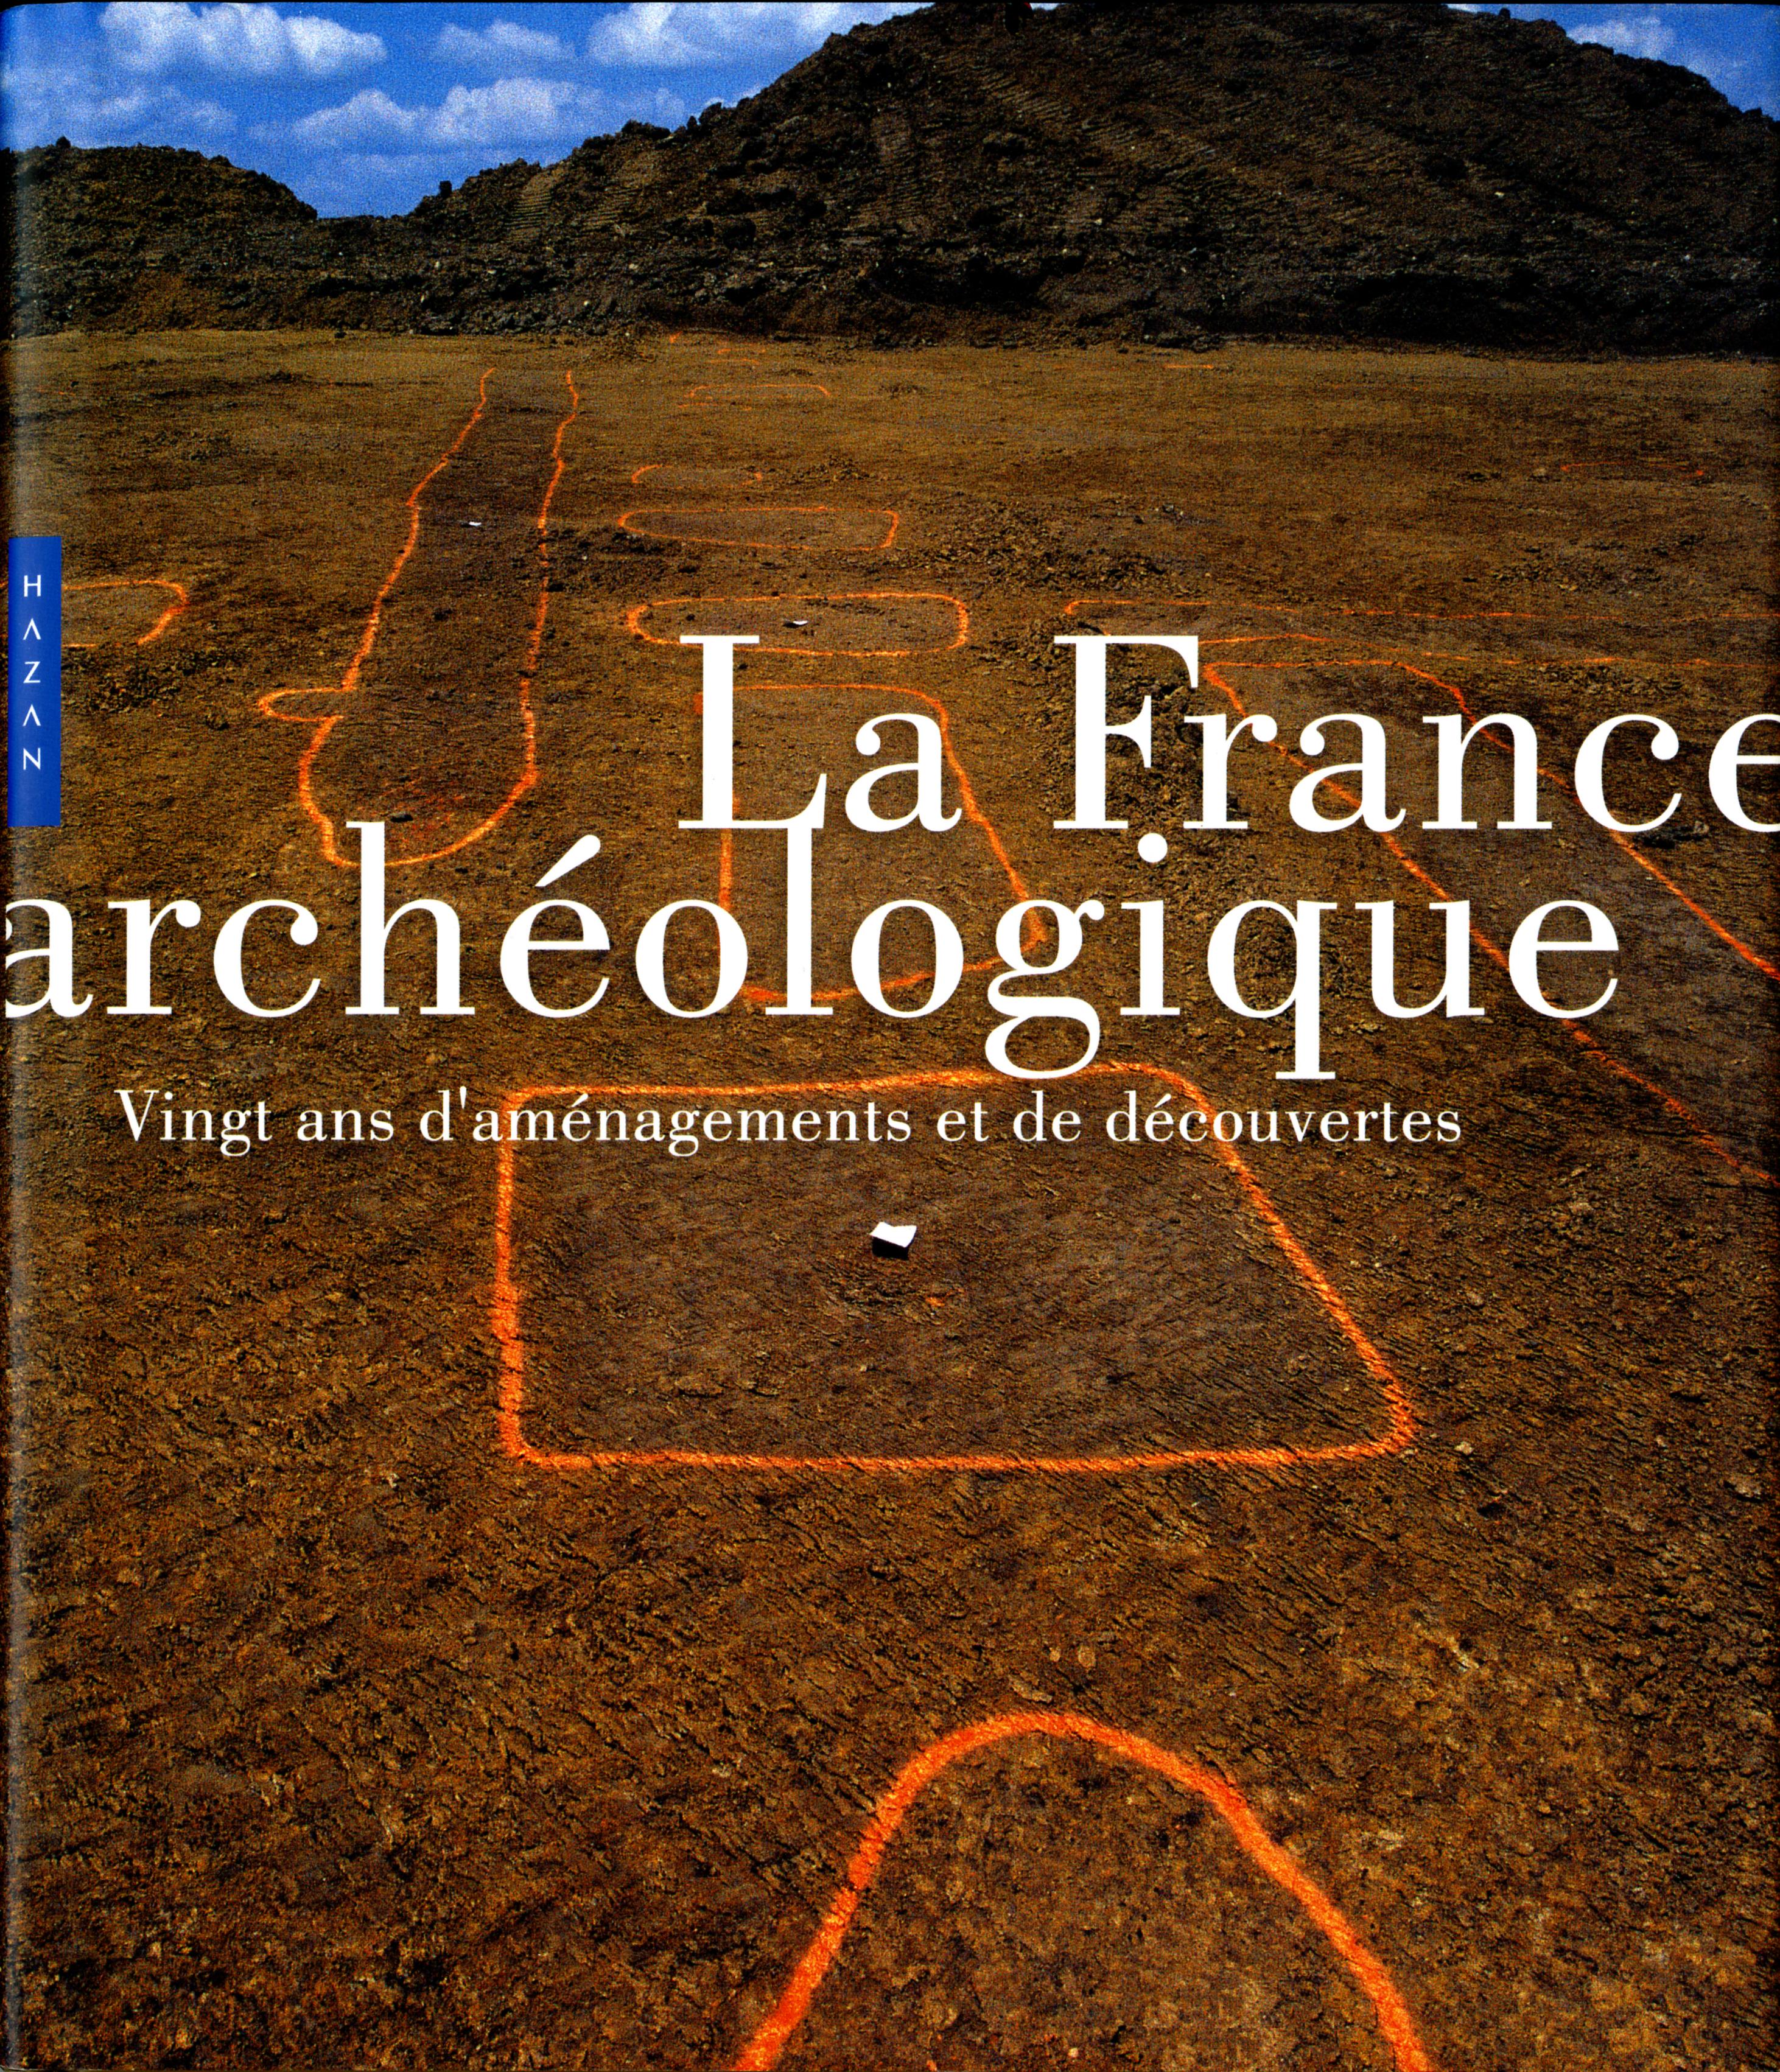 La France archéologique